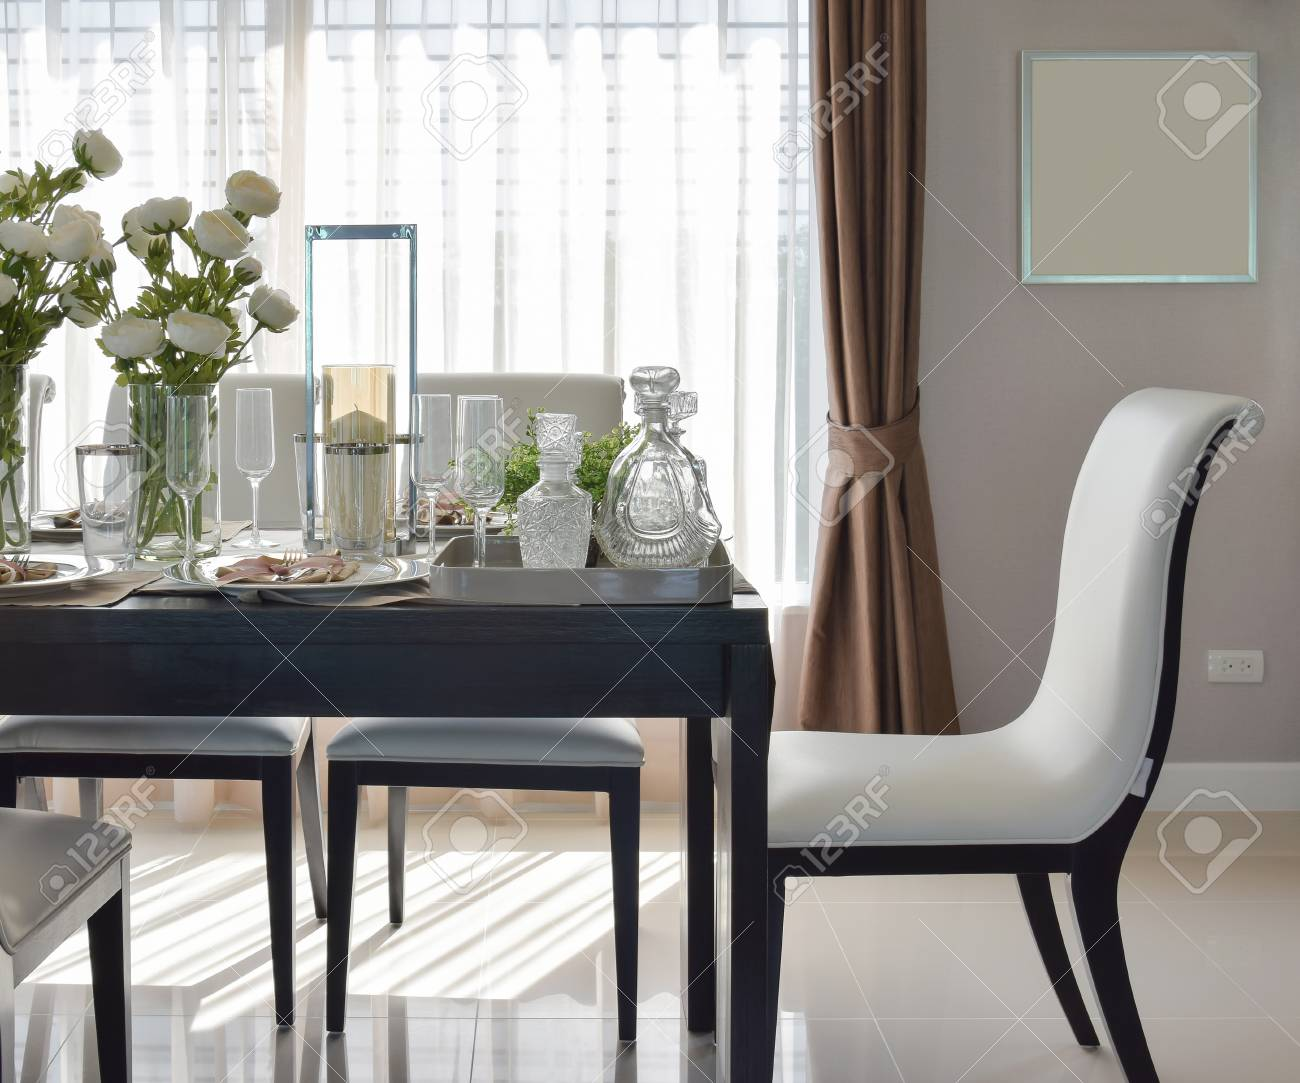 Comedor Casa En De Elegante Una Con Y Cómodas Moderna Mesa Madera Sillas QWCBoerdx